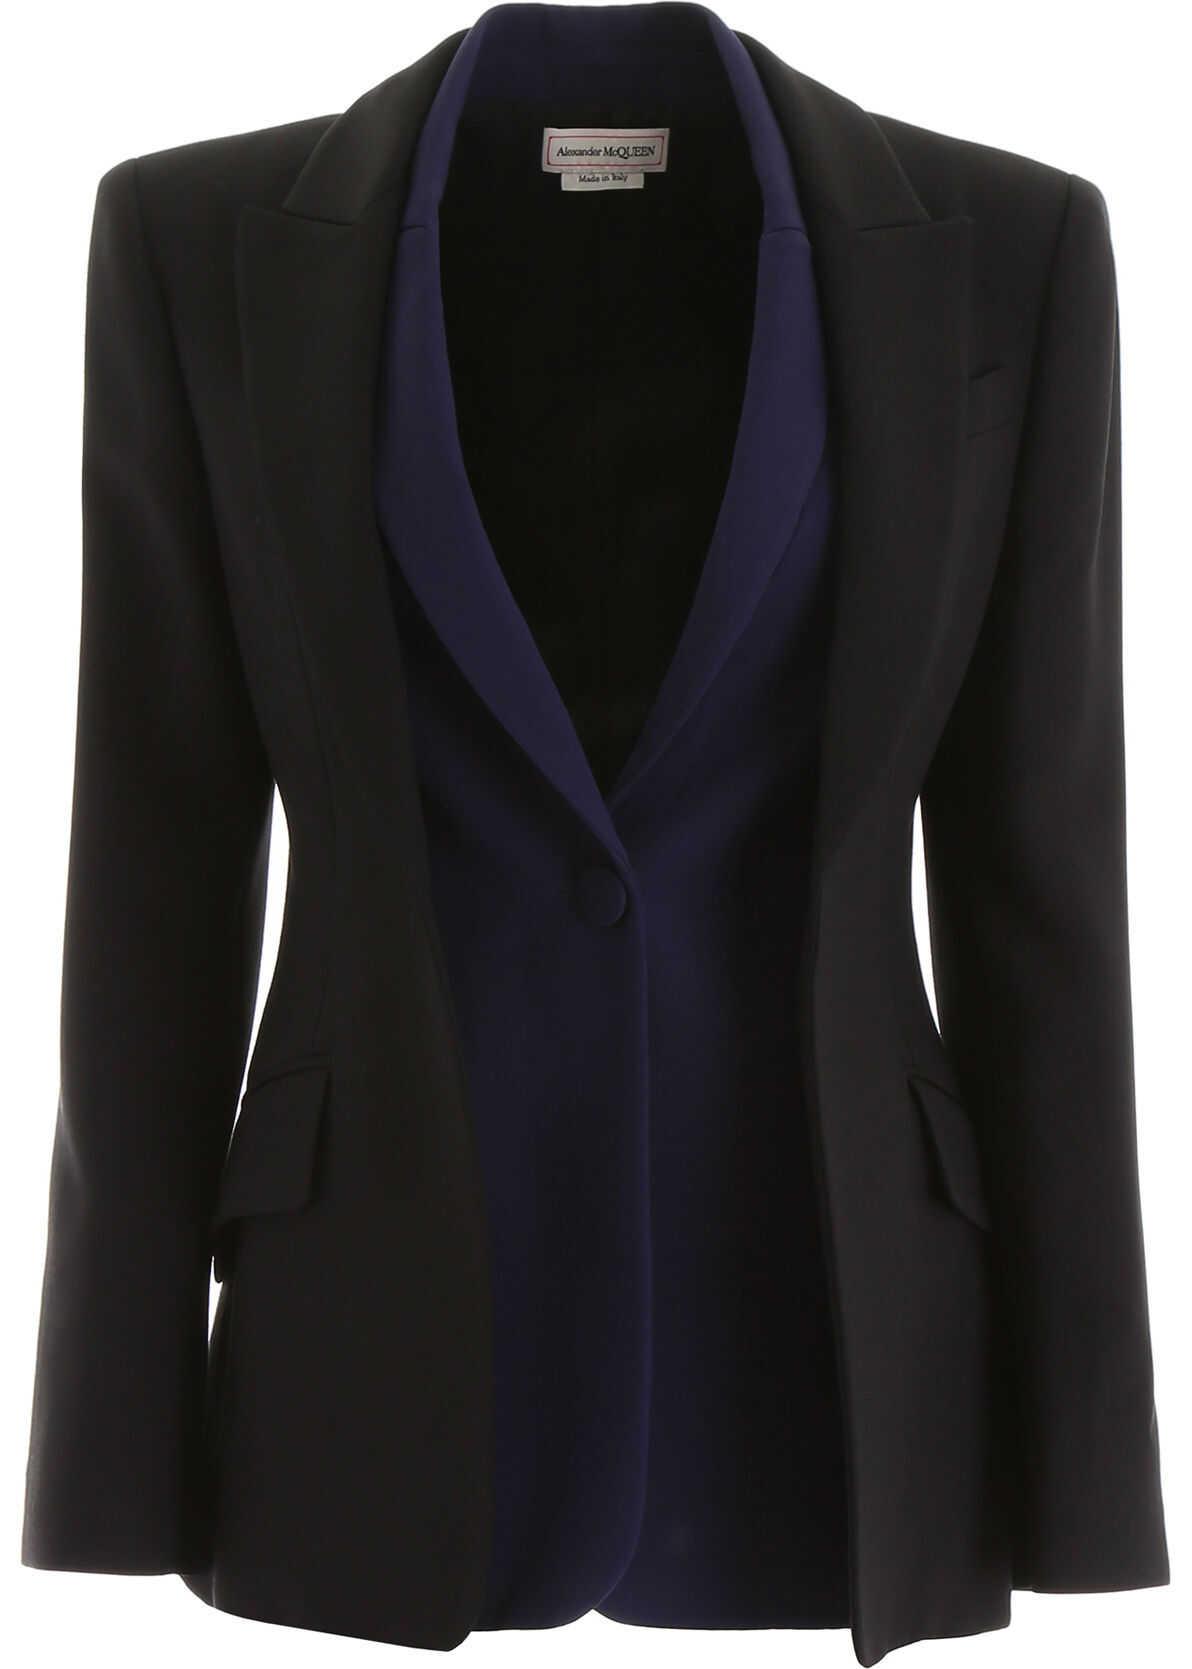 Alexander McQueen Bicolor Double Jacket BLACK SAPPHIRE